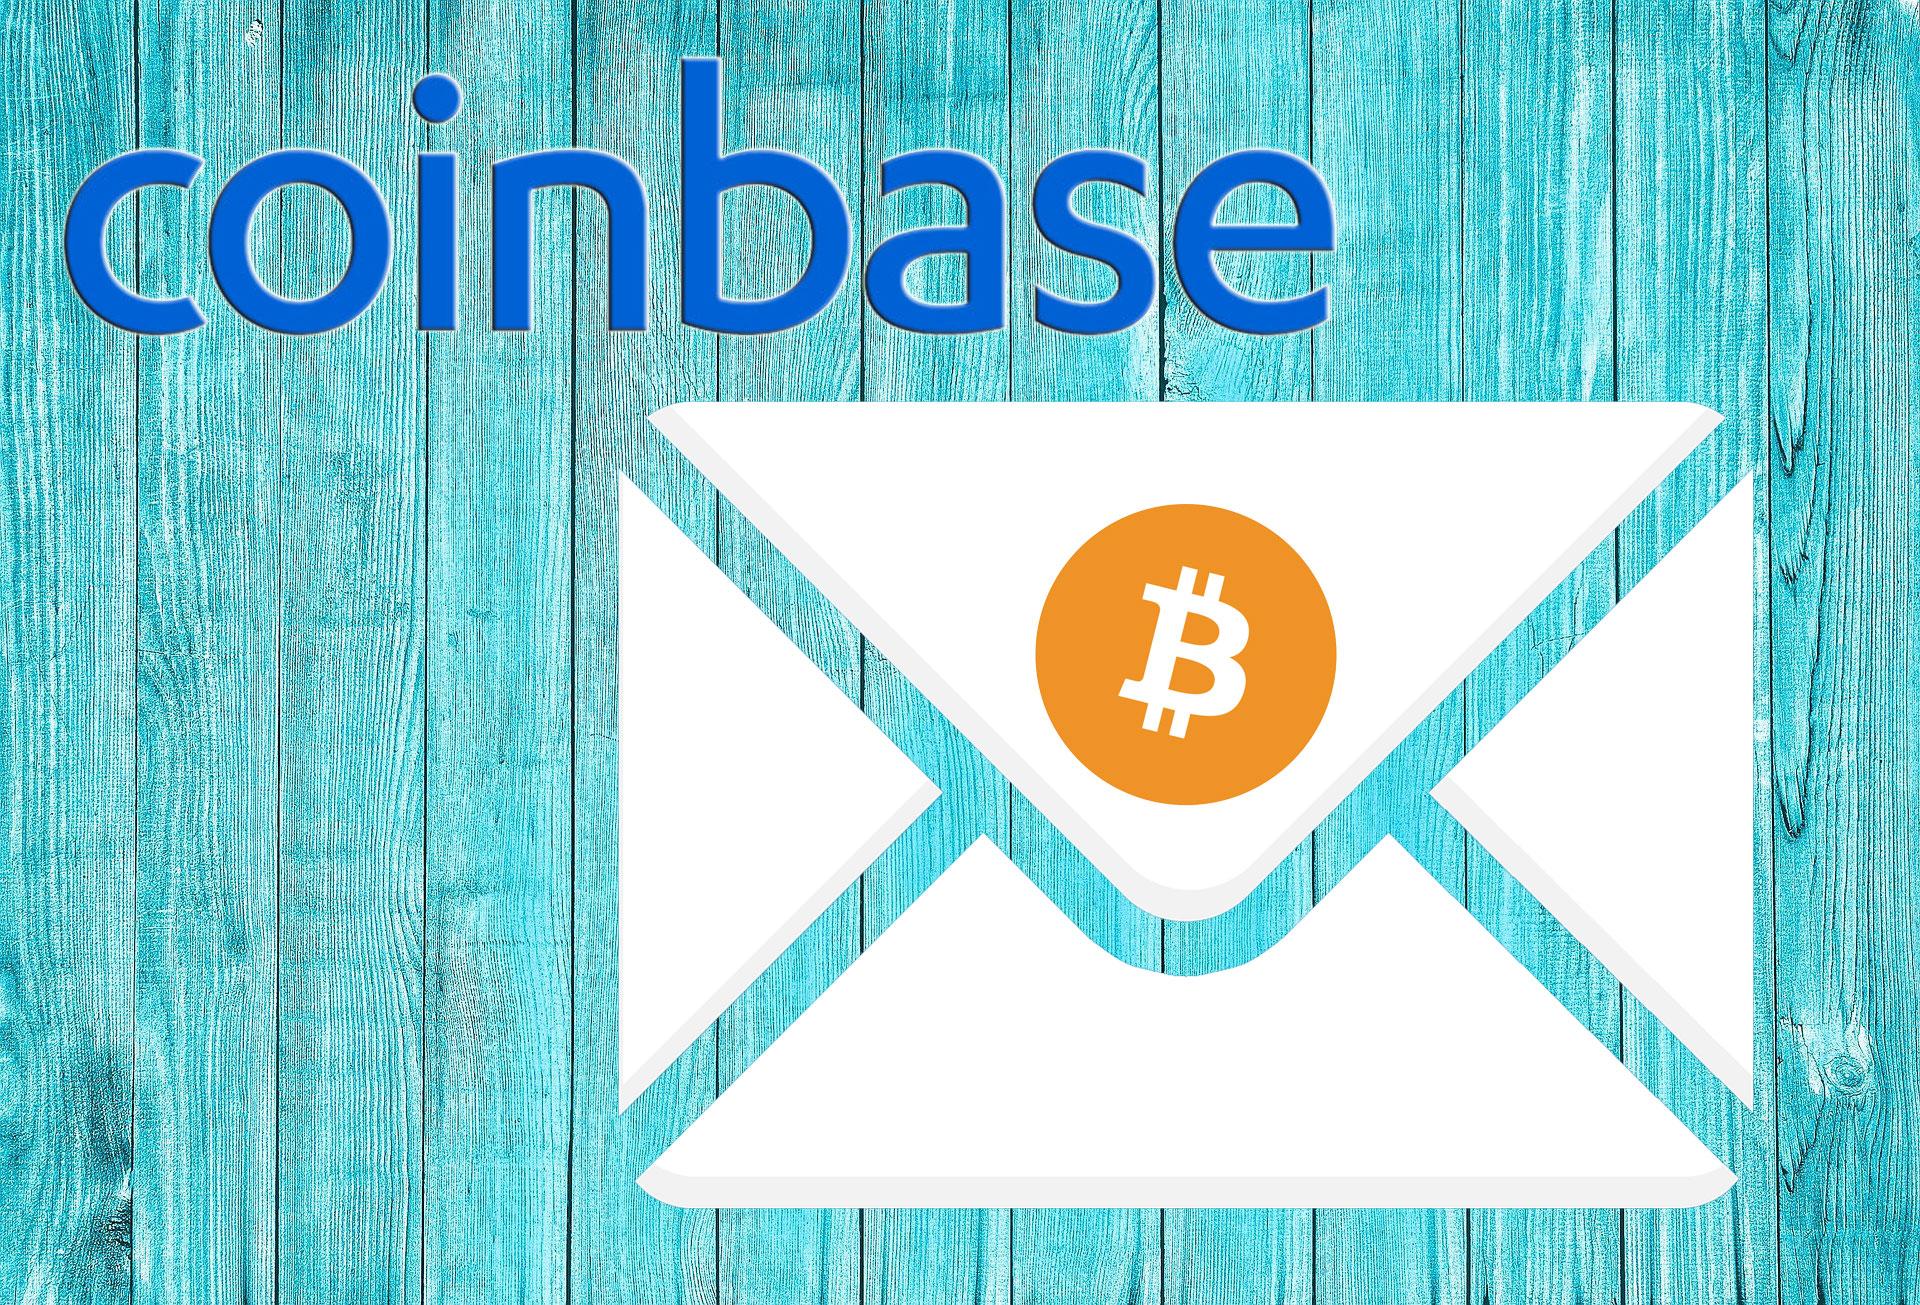 米仮想通貨取引所Coinbase特許取得!「ビットコインをメールアドレスに送信!」